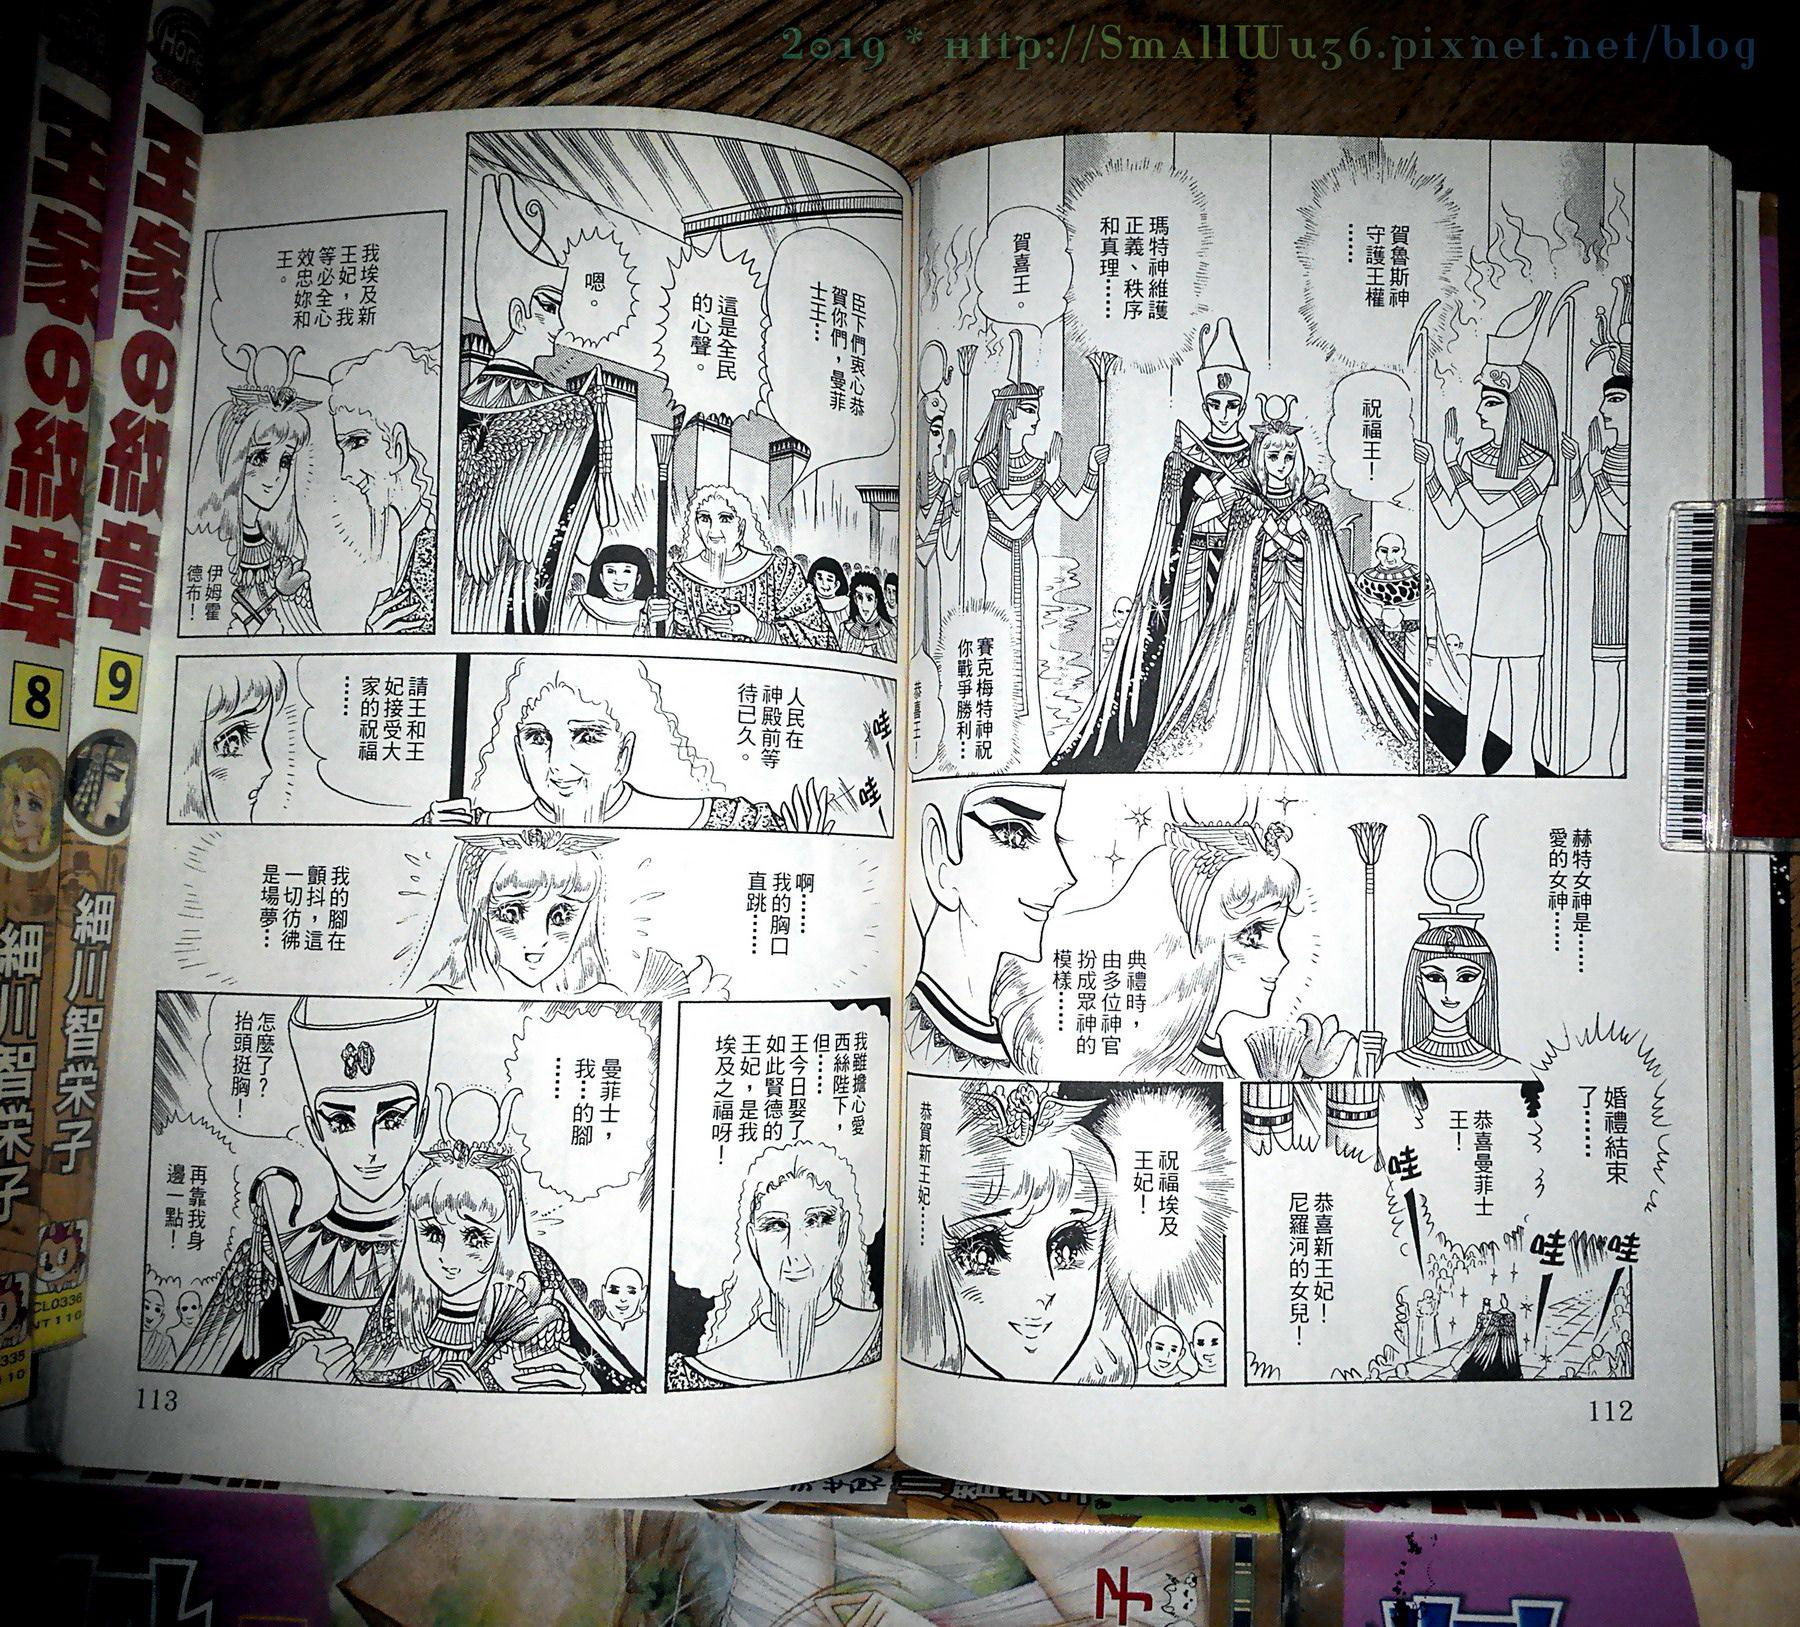 細川智榮子-王家的紋章(尼羅河女兒) 4-24 (長鴻)  vol_6.jpg